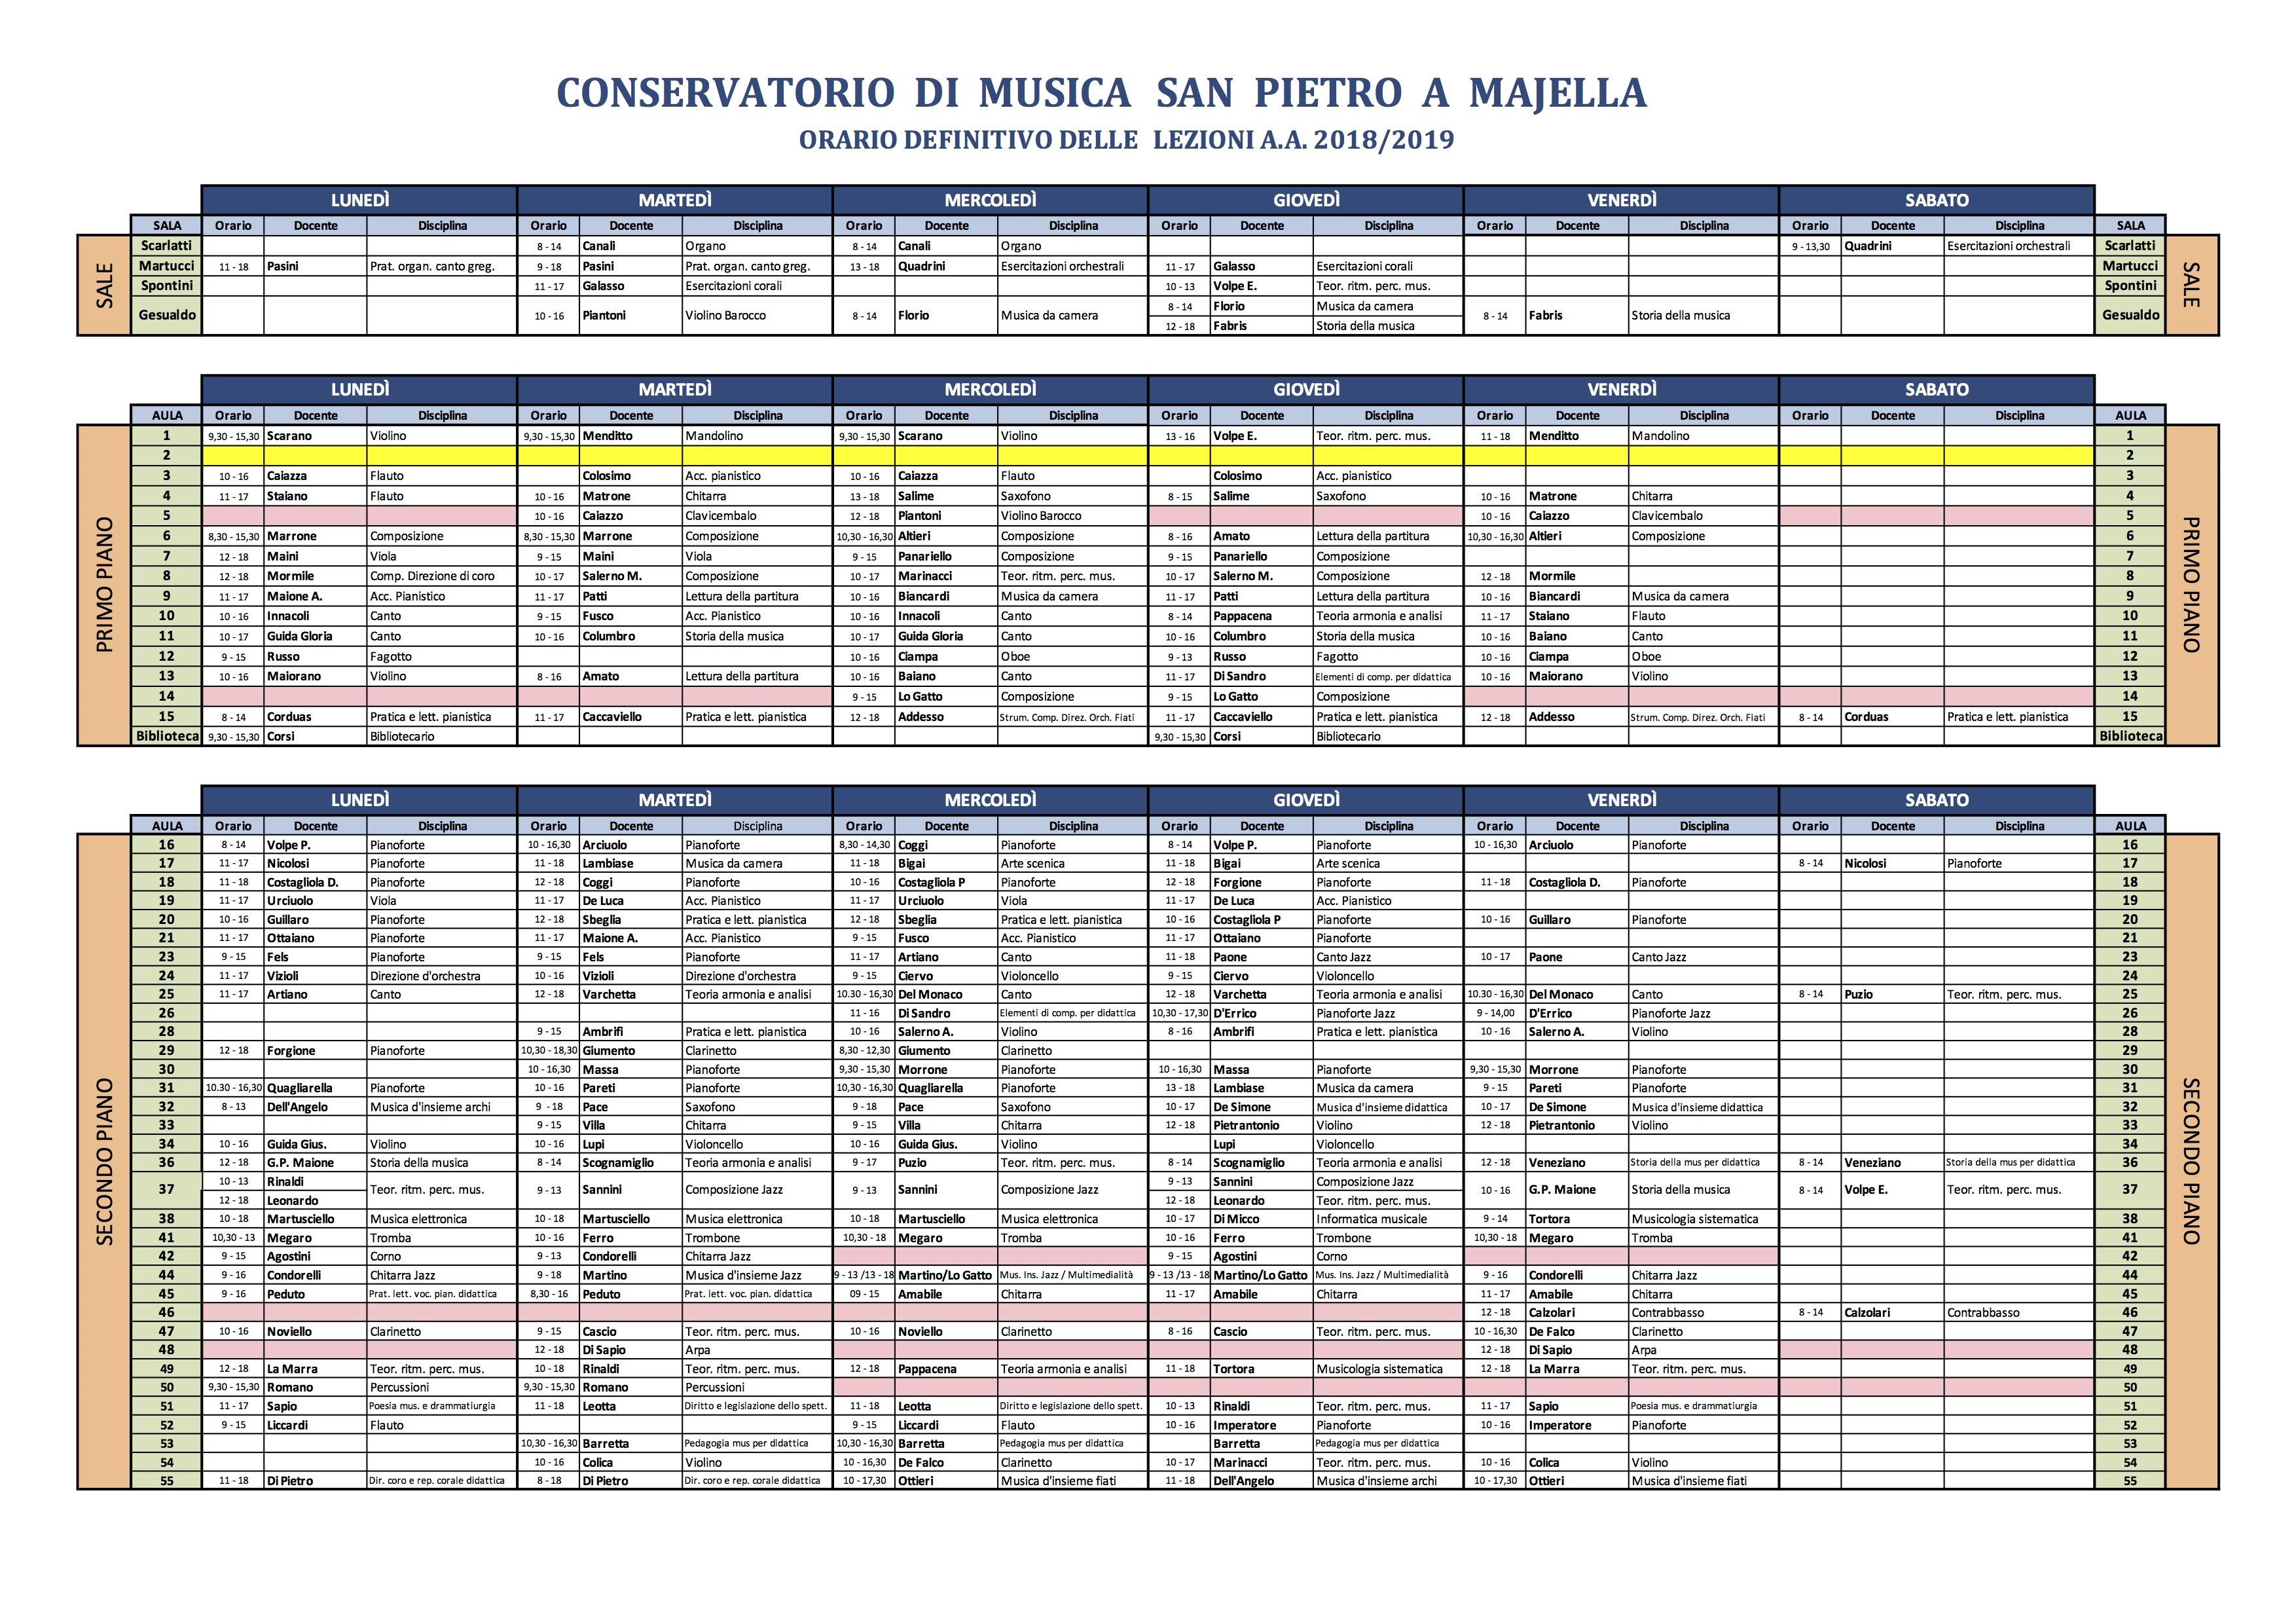 San Leonardo Calendario.Calendari Lezione Conservatorio Di Musica San Pietro A Majella